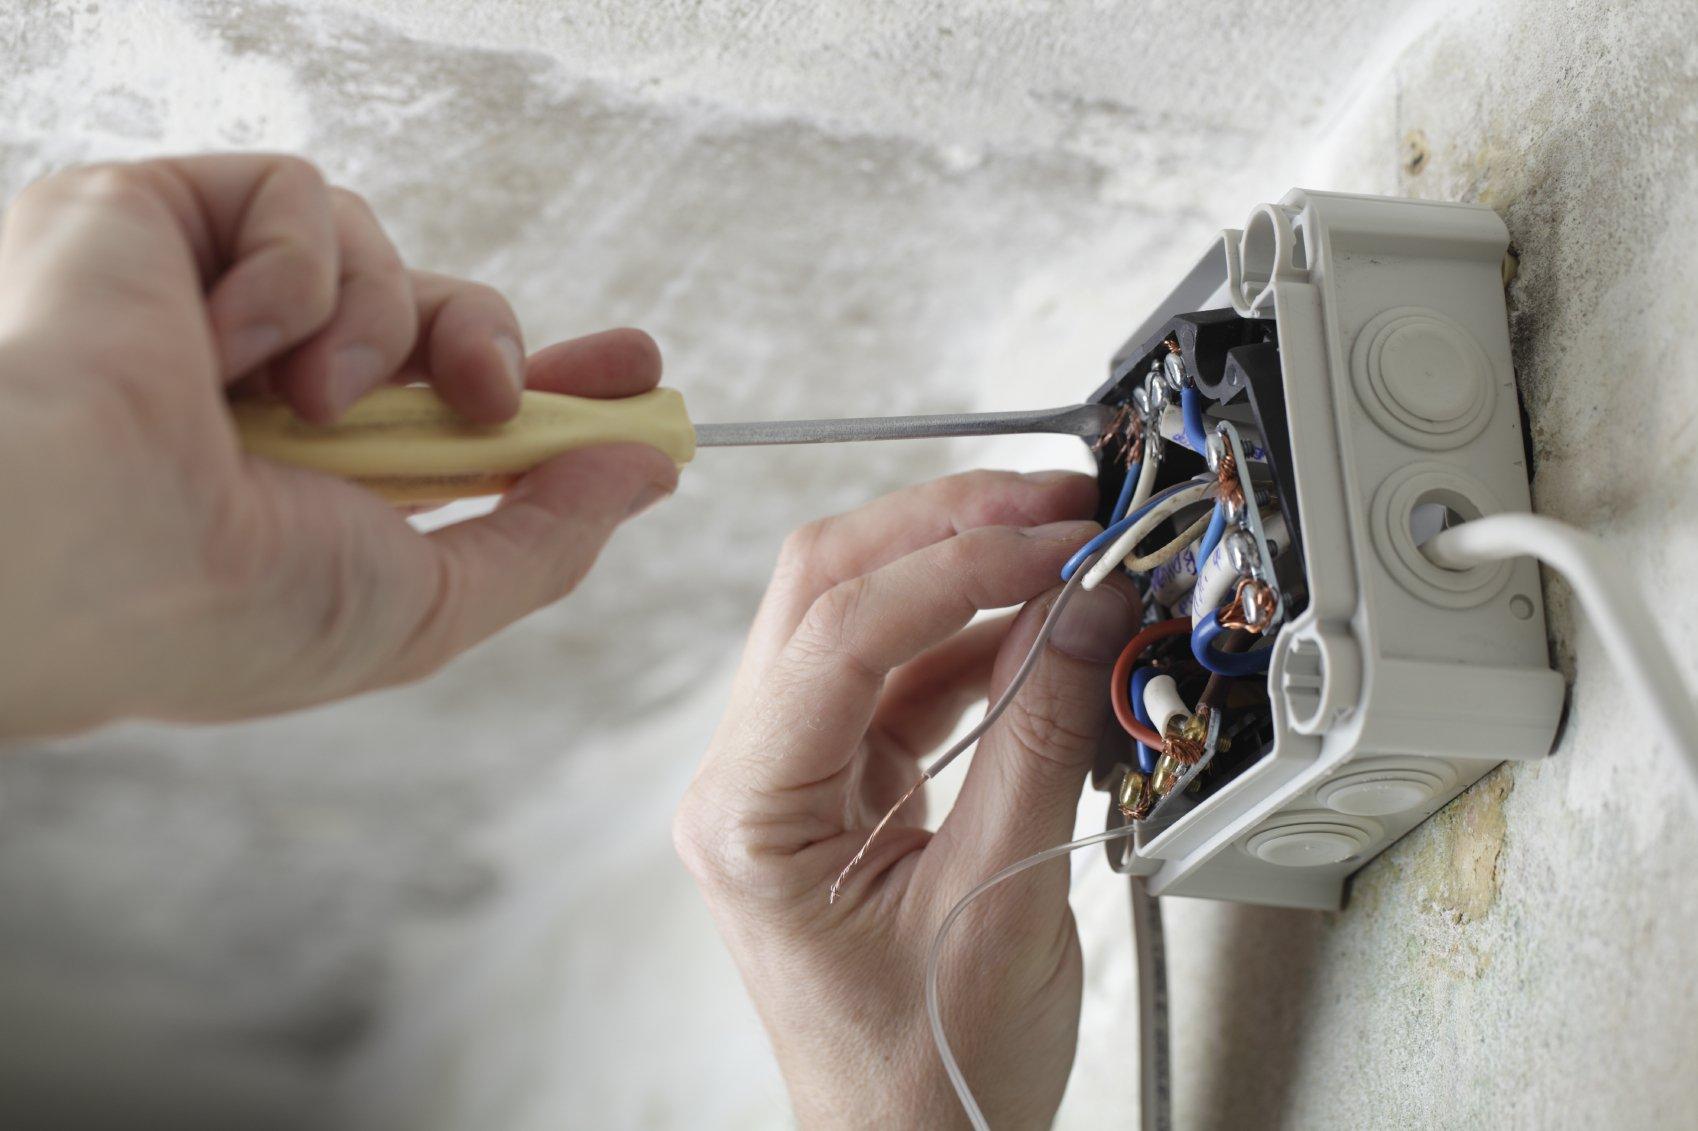 Elektroinstallationstechnik